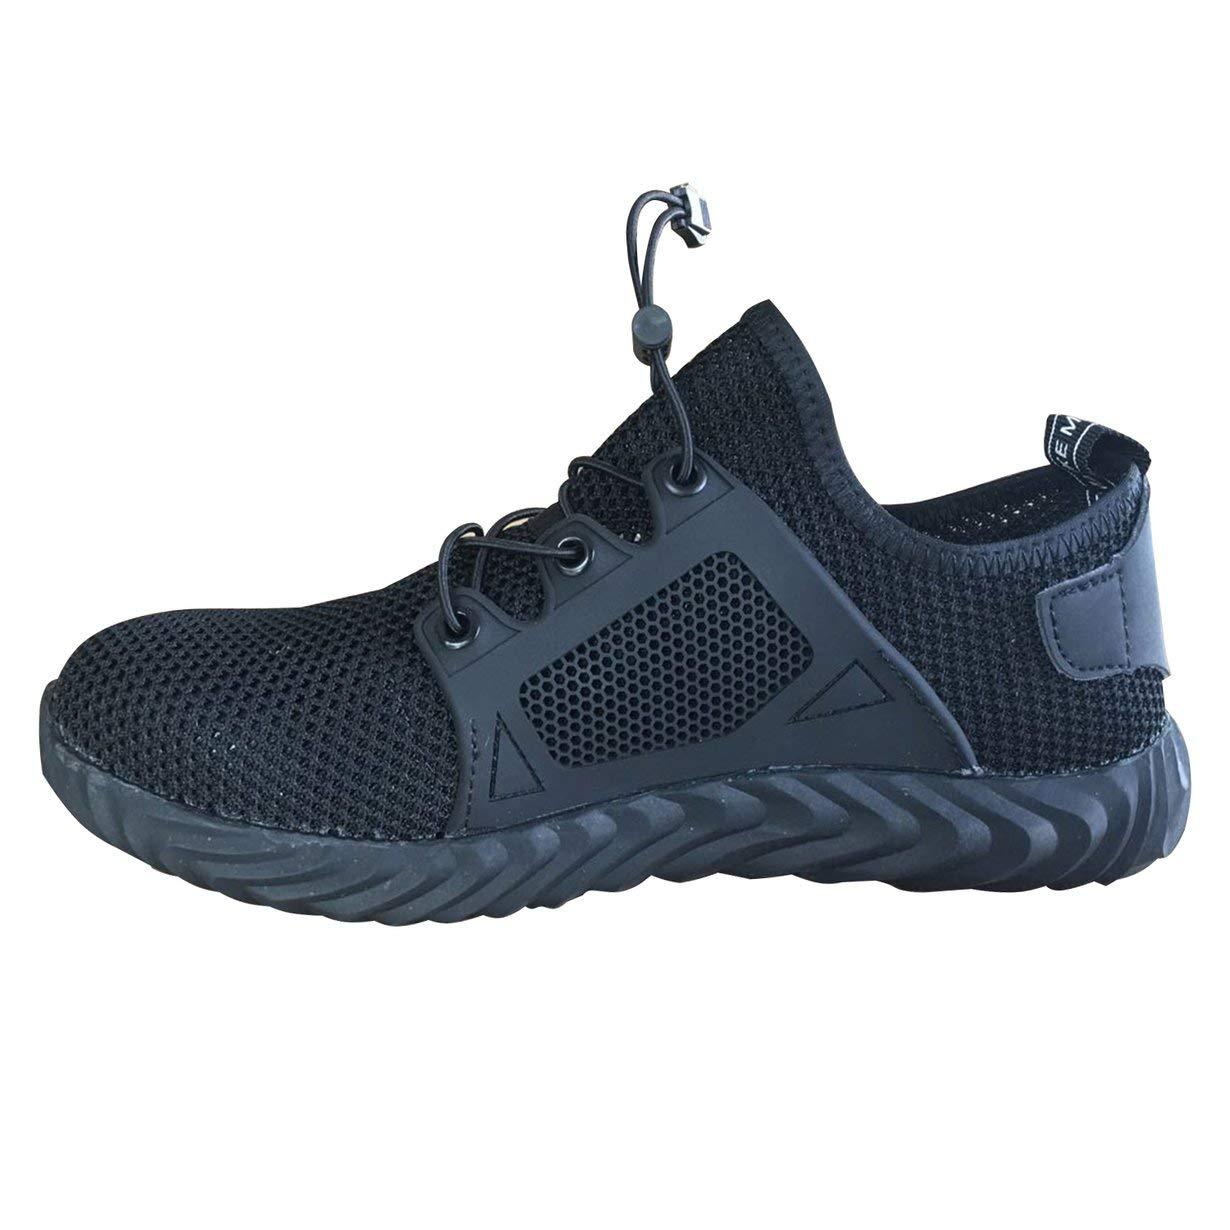 Comomingo Zapatos de Seguridad Zapatos de Trabajo a Prueba de pinchazos Zapatillas Deportivas Transpirables Botas de Malla: Amazon.es: Hogar